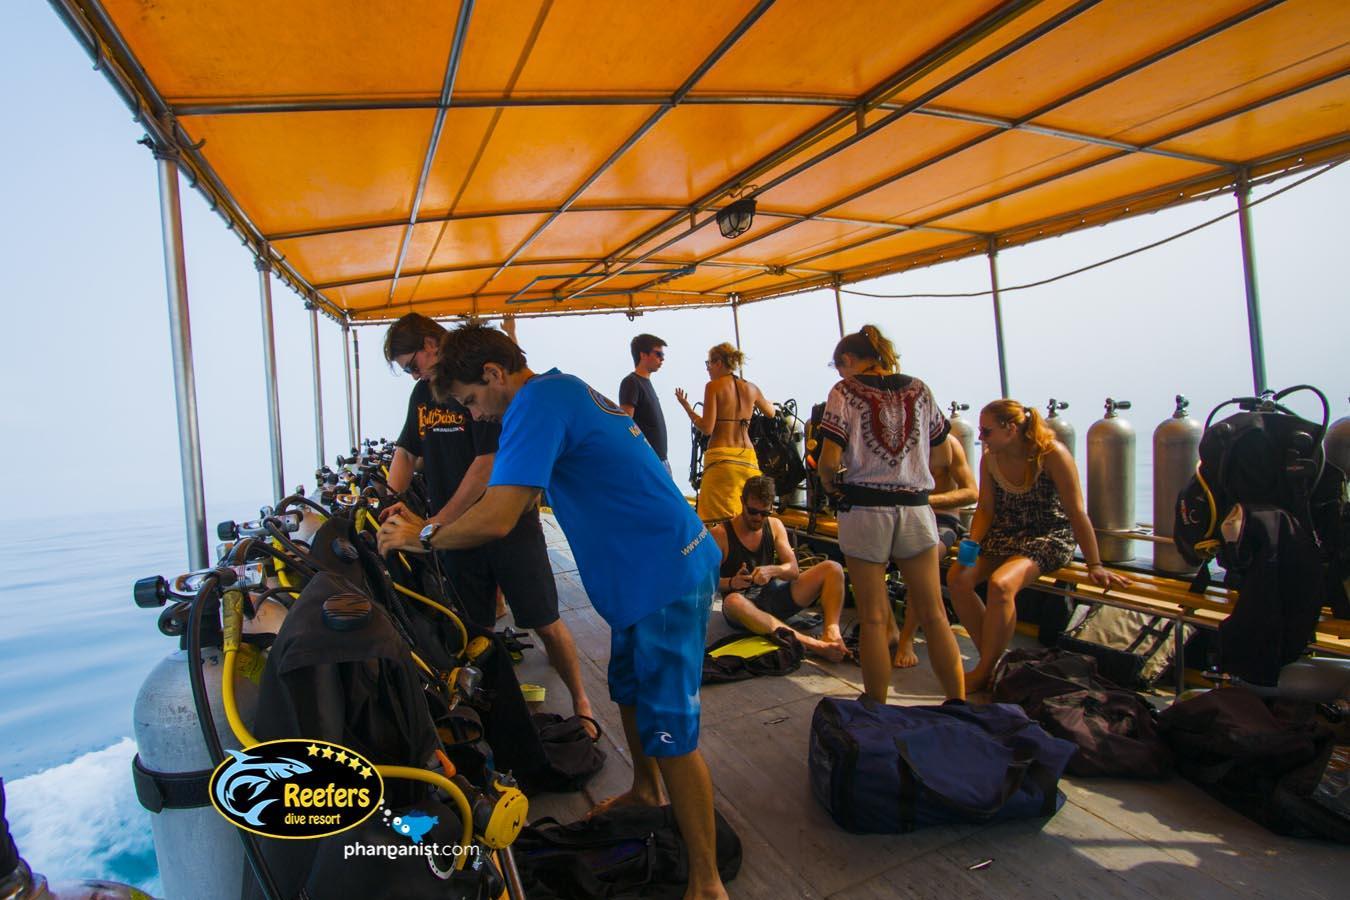 Reefer's Dive Resort